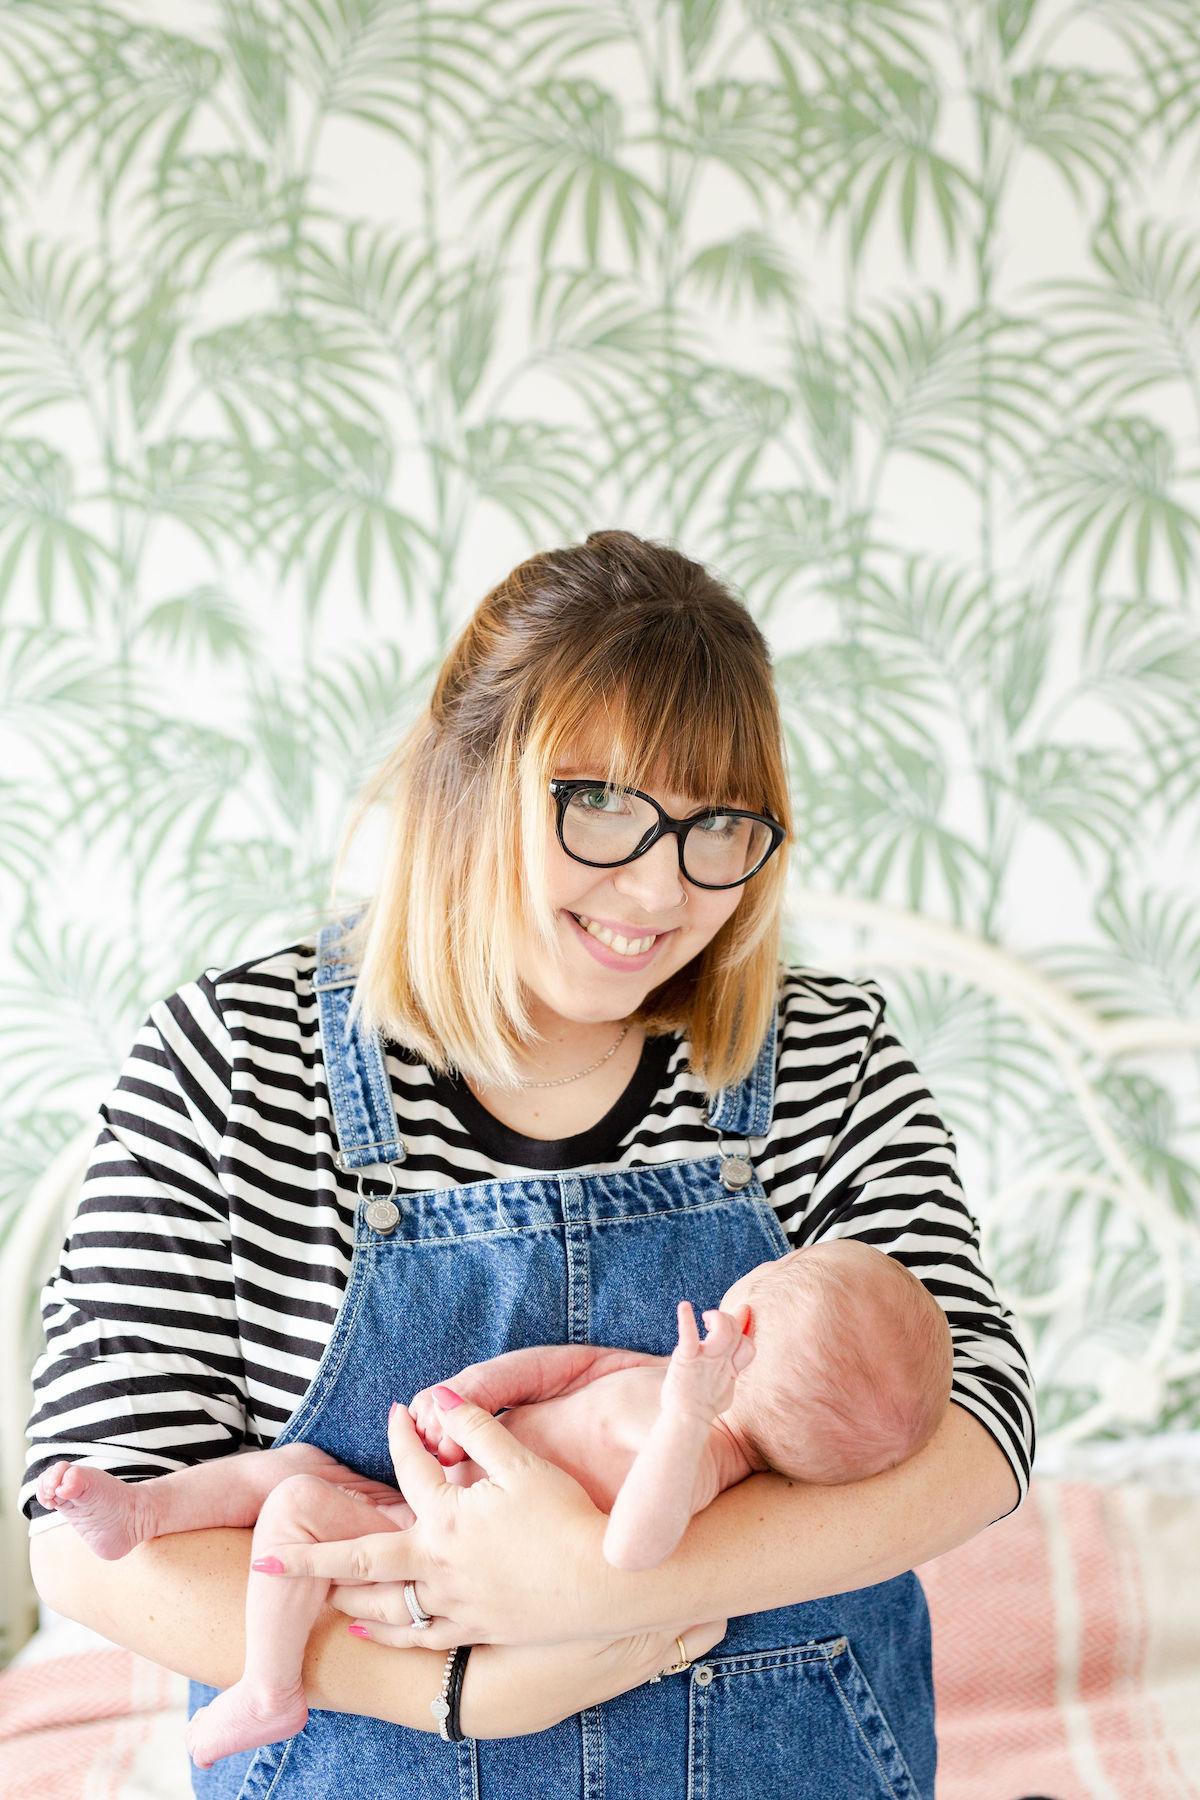 Natasha cadman newborn photography